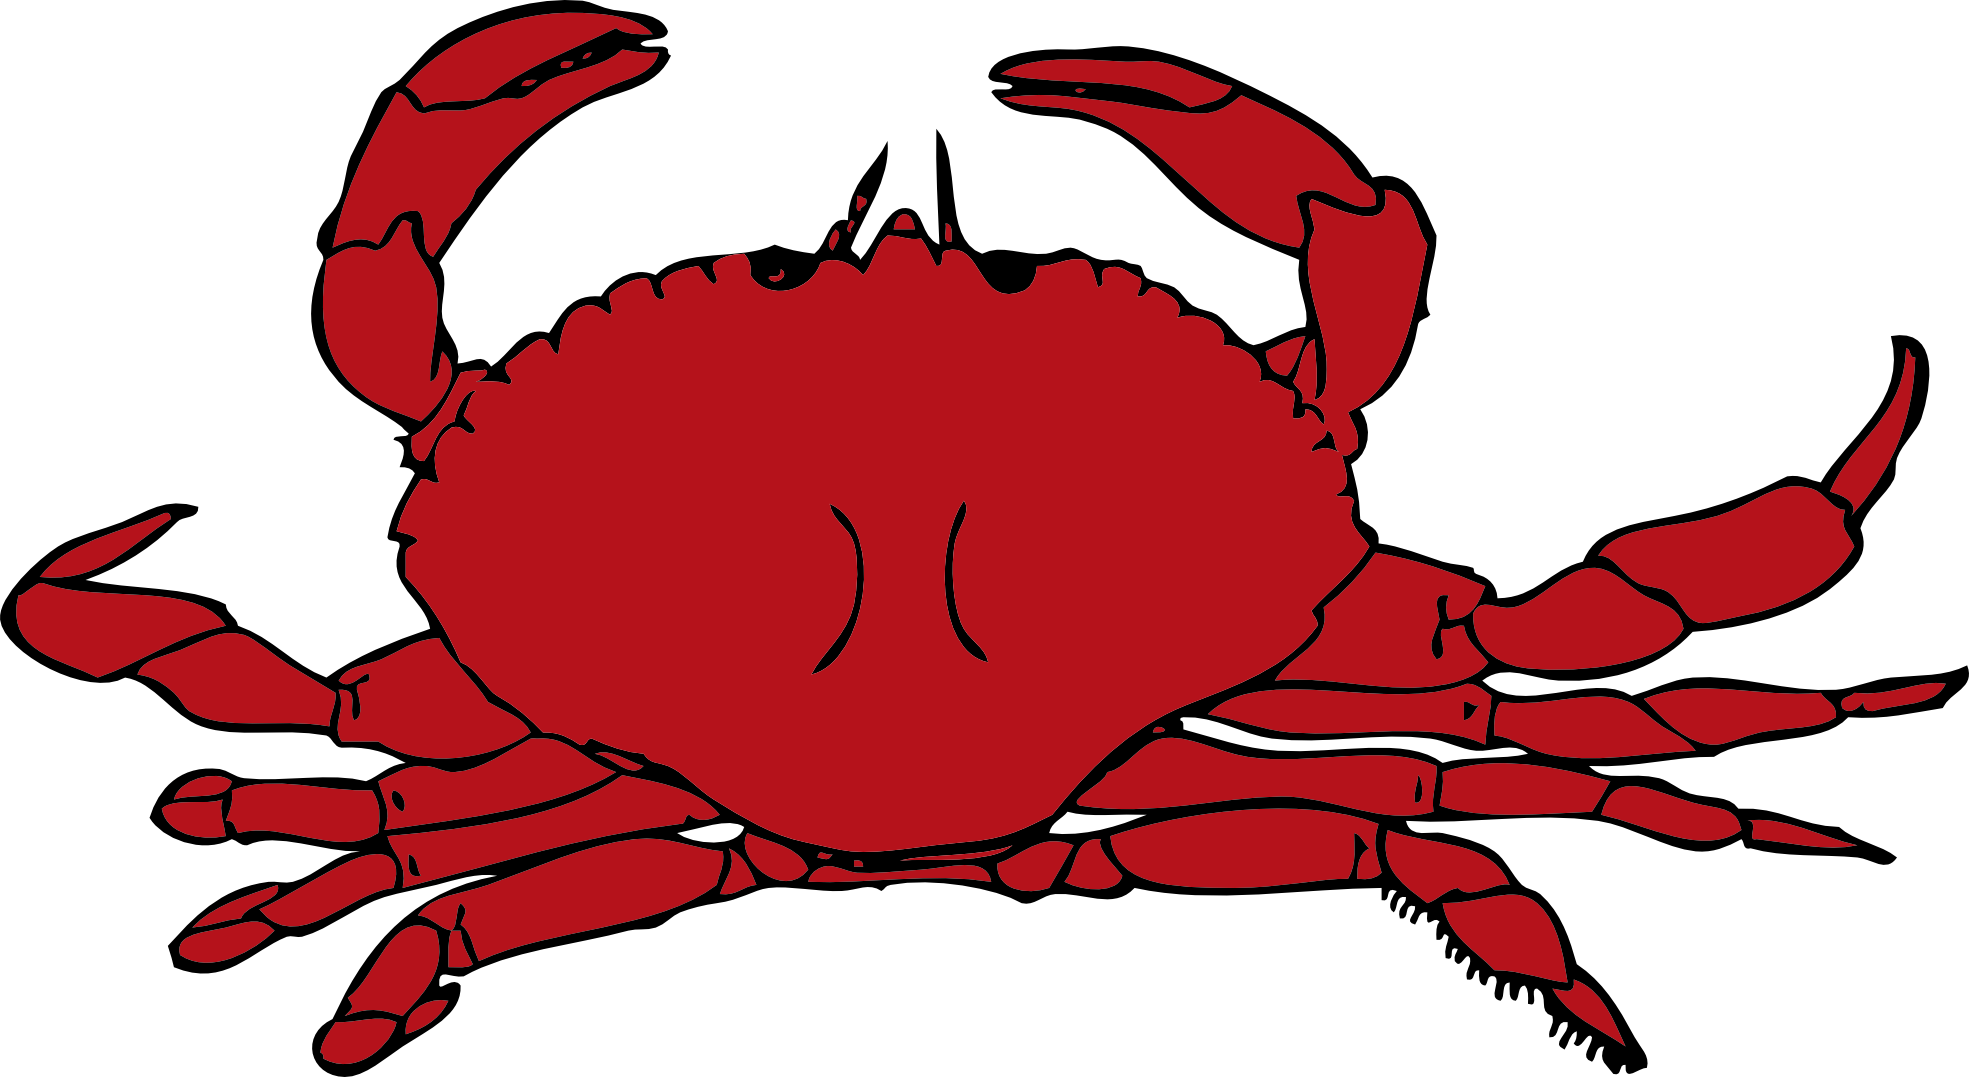 Crab clip art cartoon free clipart image-Crab clip art cartoon free clipart images 3-3